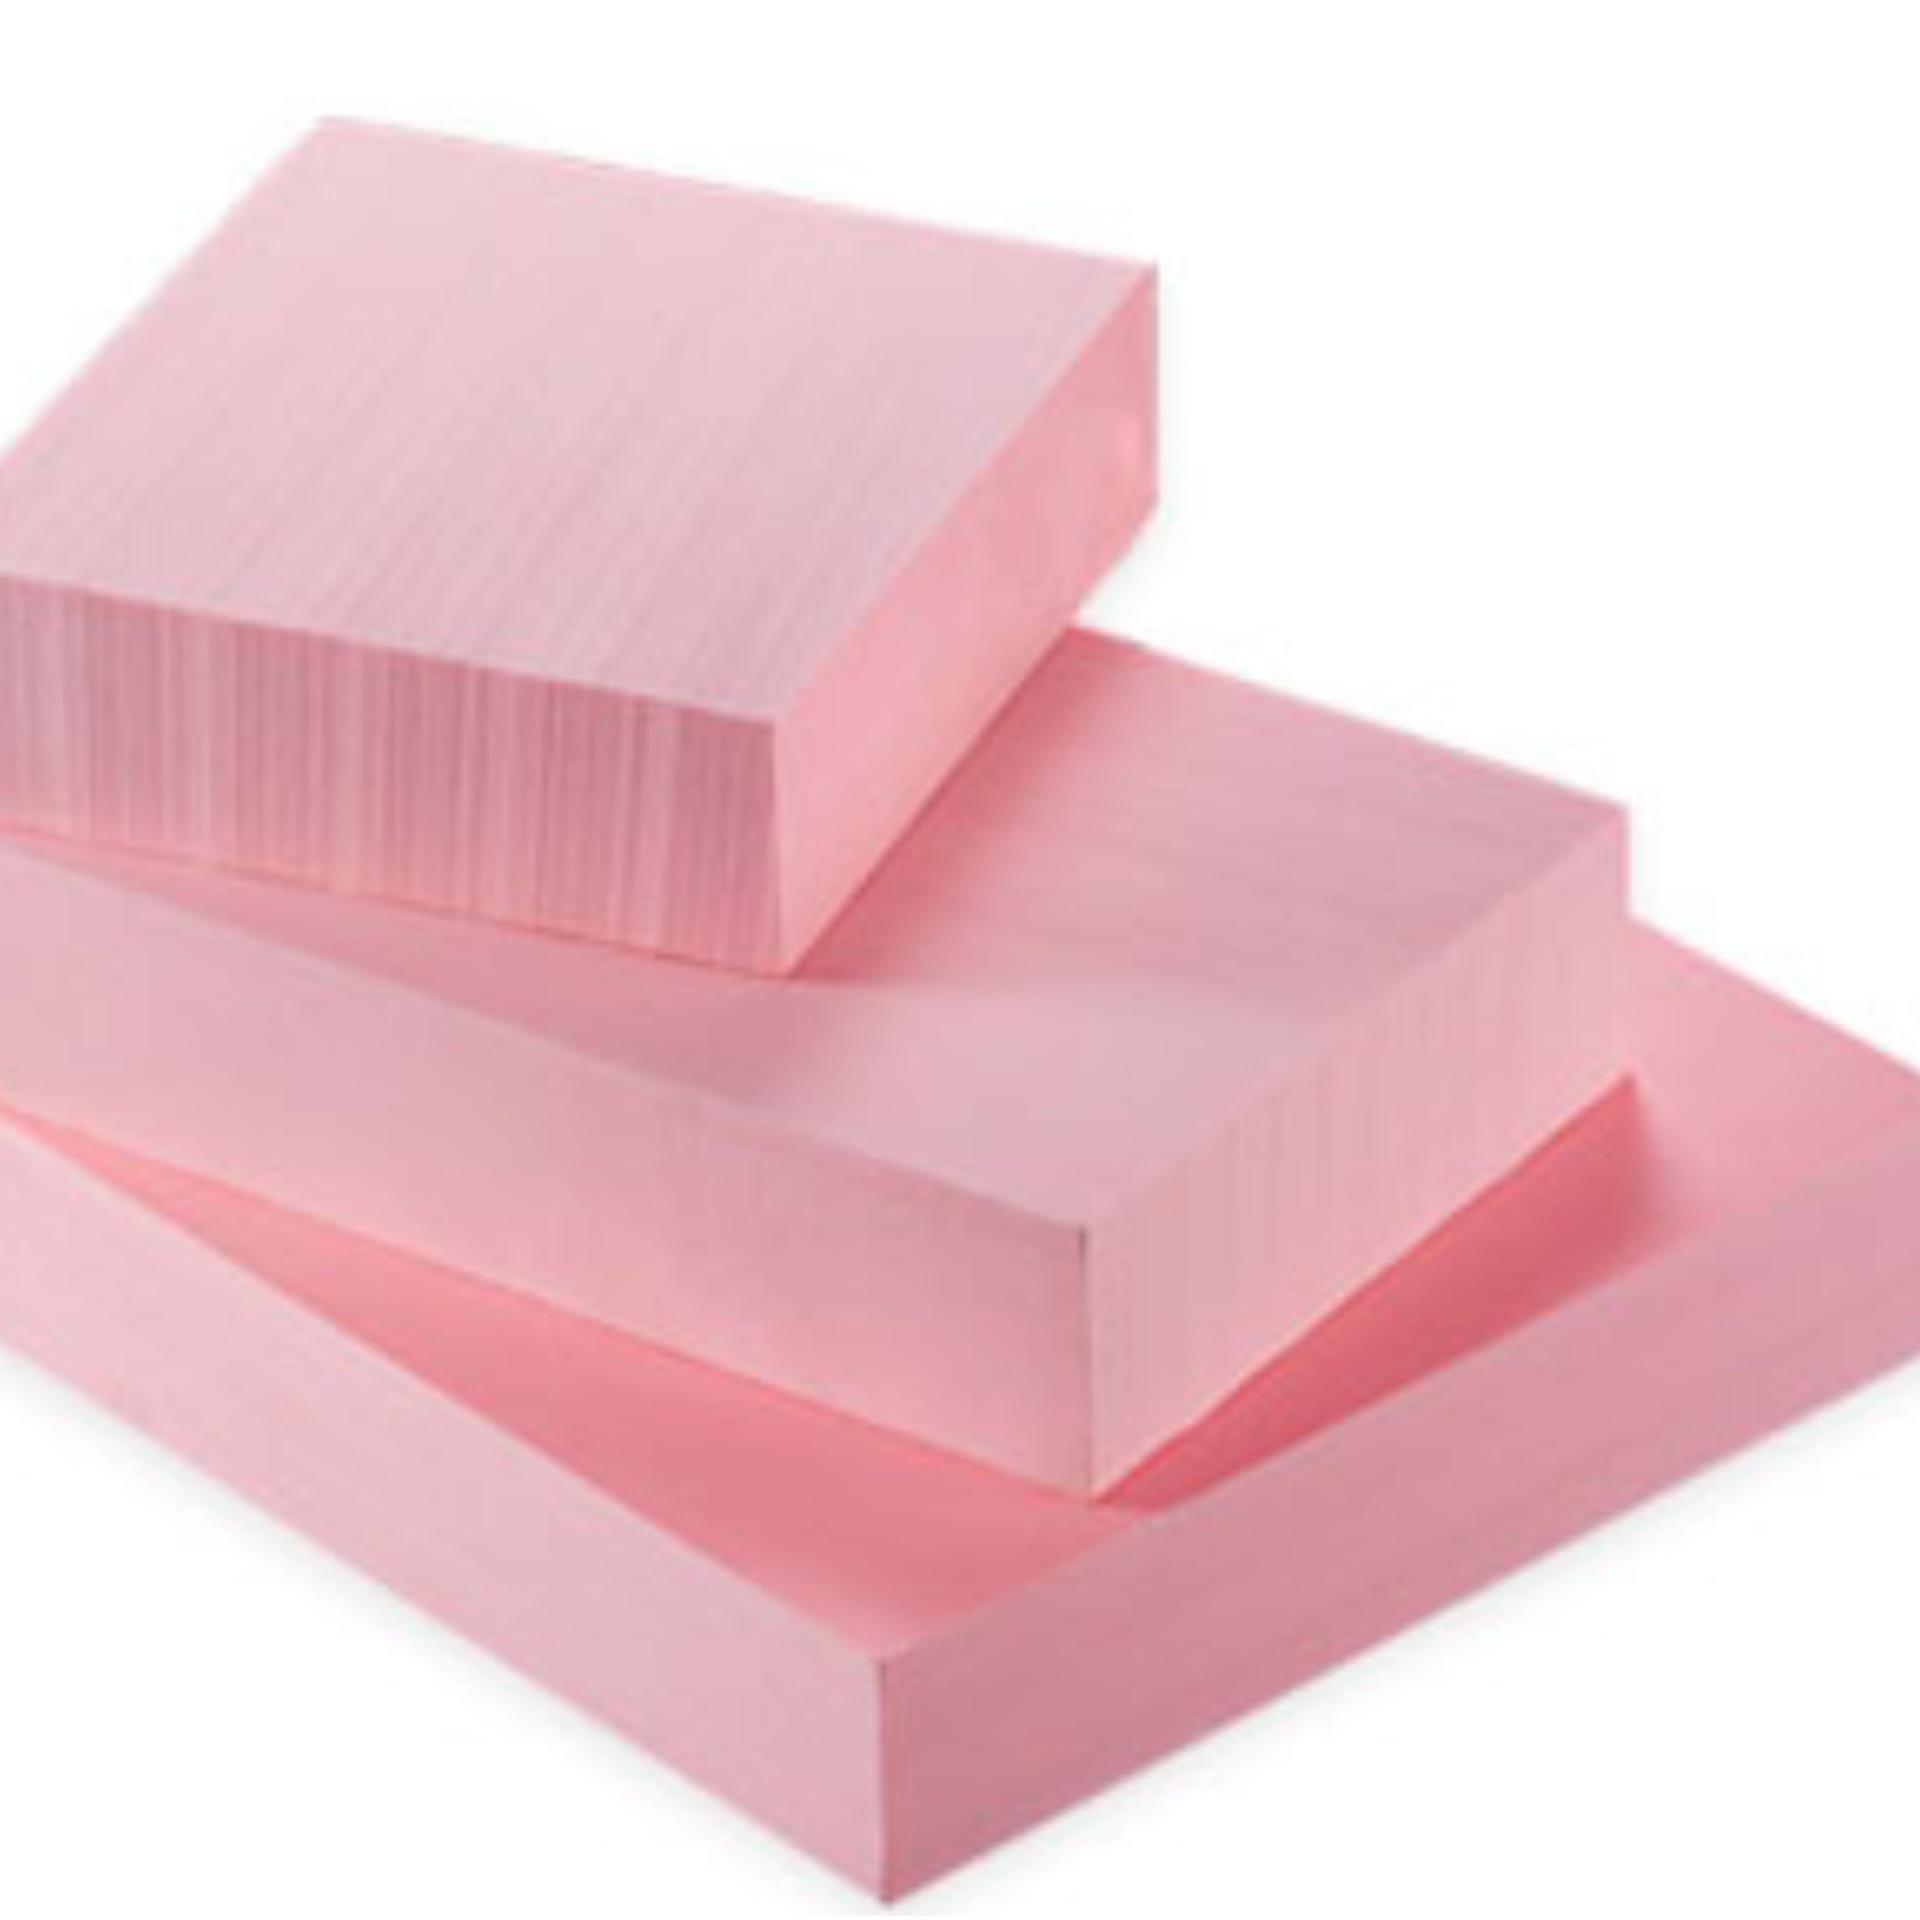 模具代木410不饱和树脂代木板木块检具模型翡翠CNC雕刻手板可零切